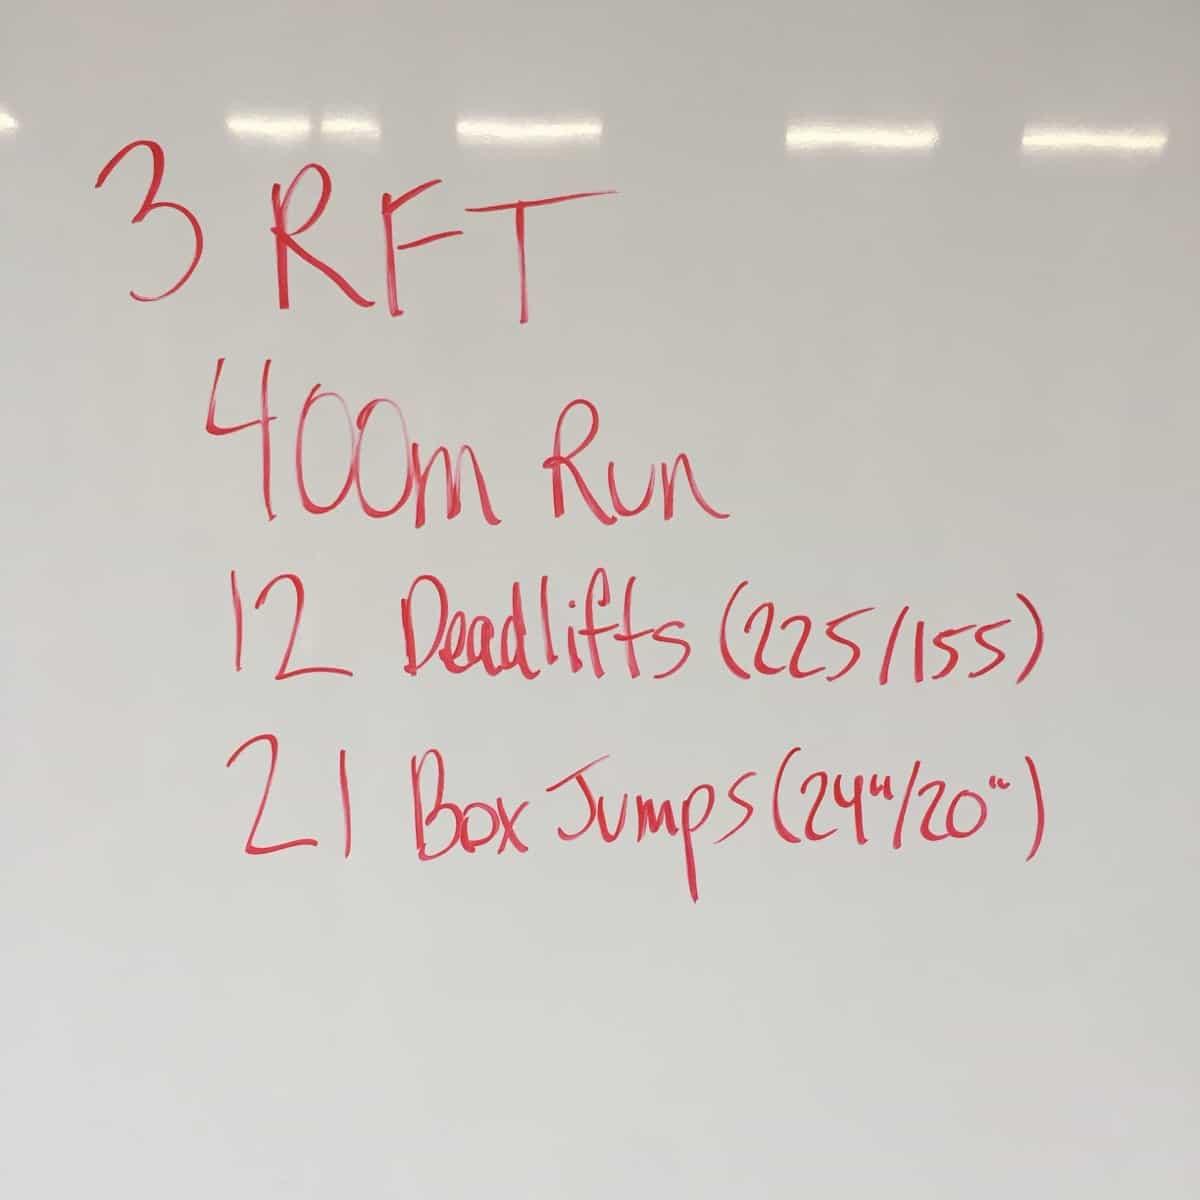 Running, Deadlifts, & Box Jumps